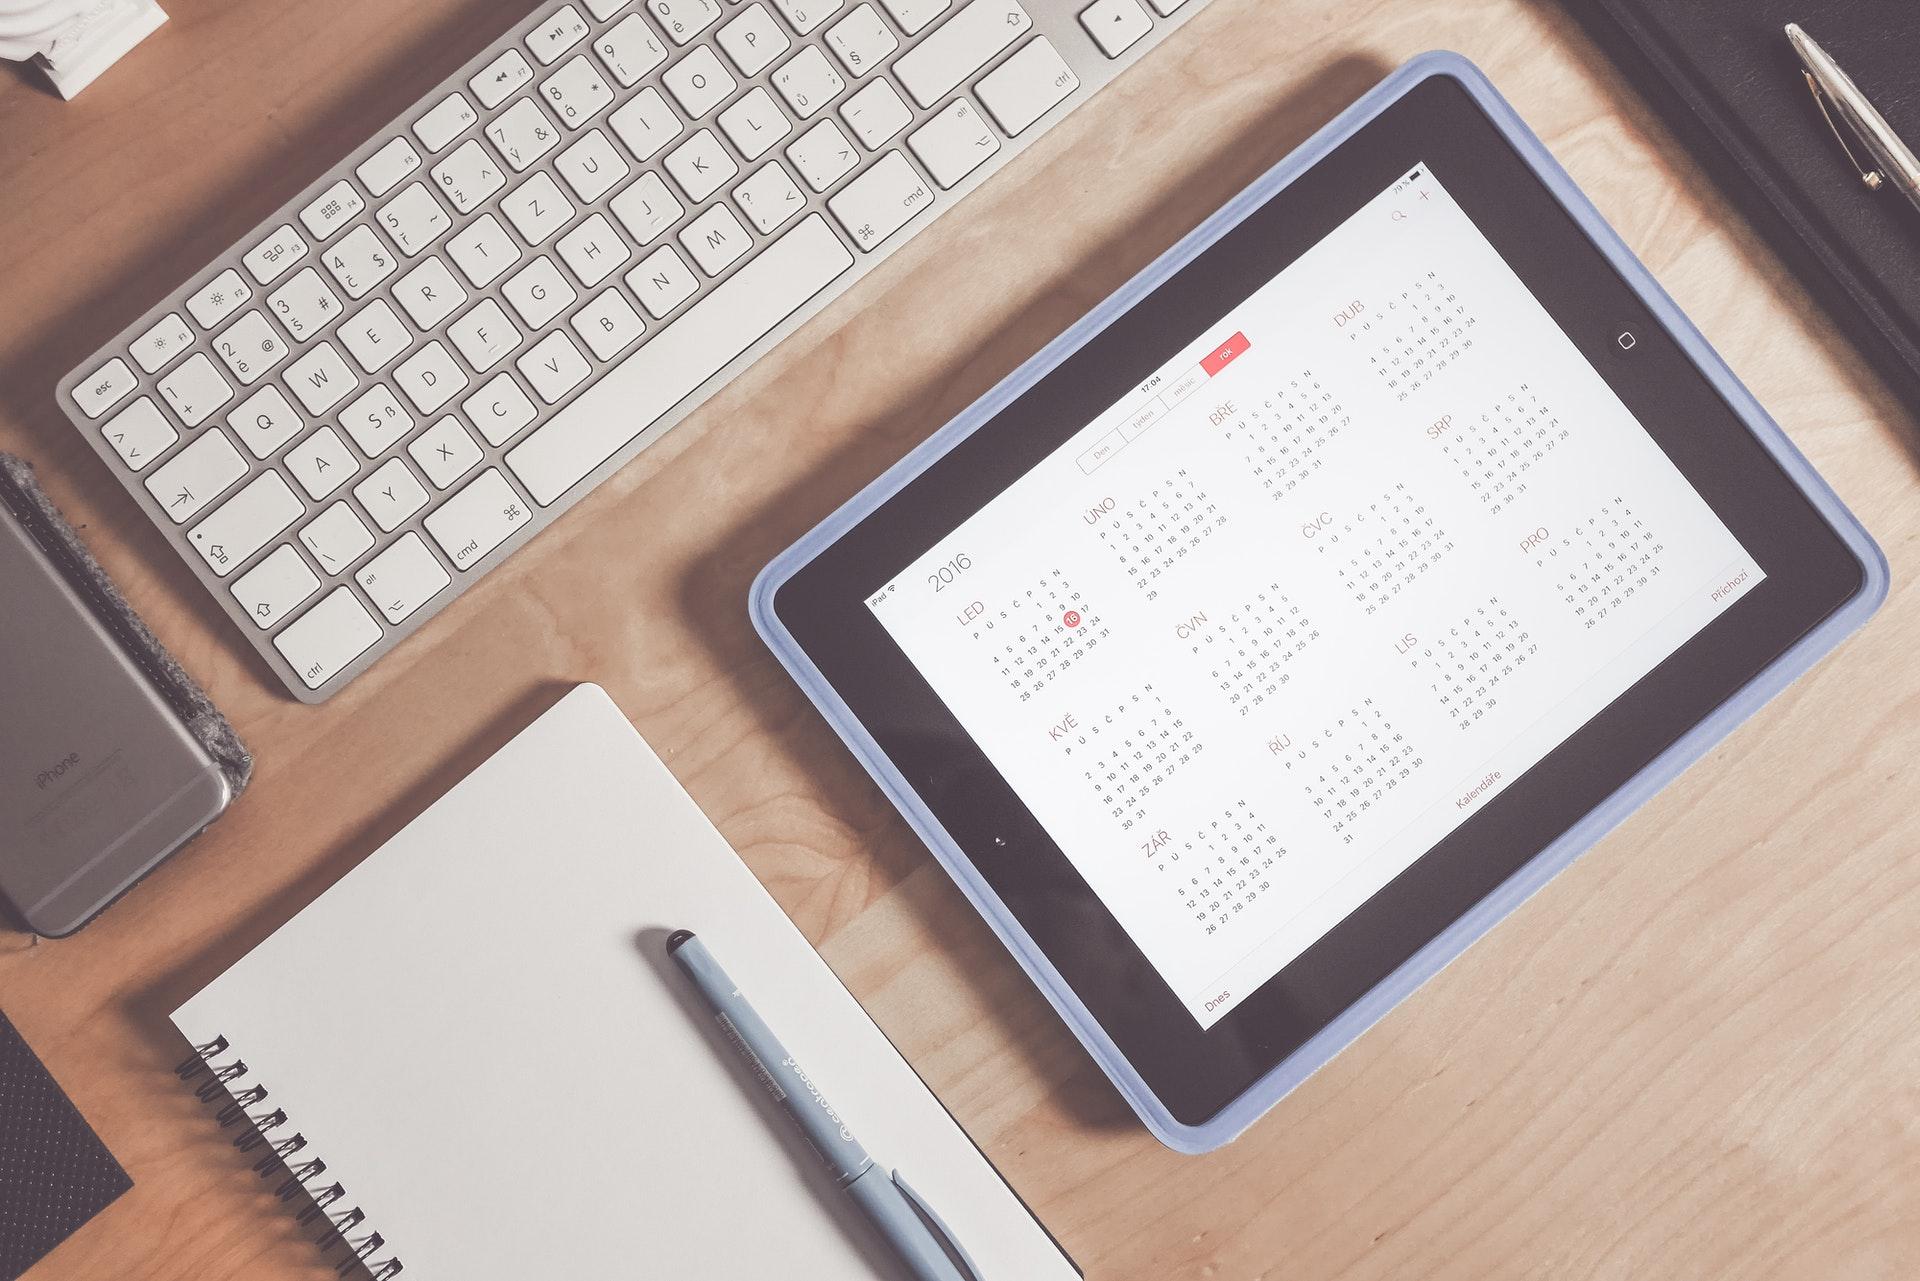 Incontri in diretta: presentazioni, consigli e risposte alle vostre domande